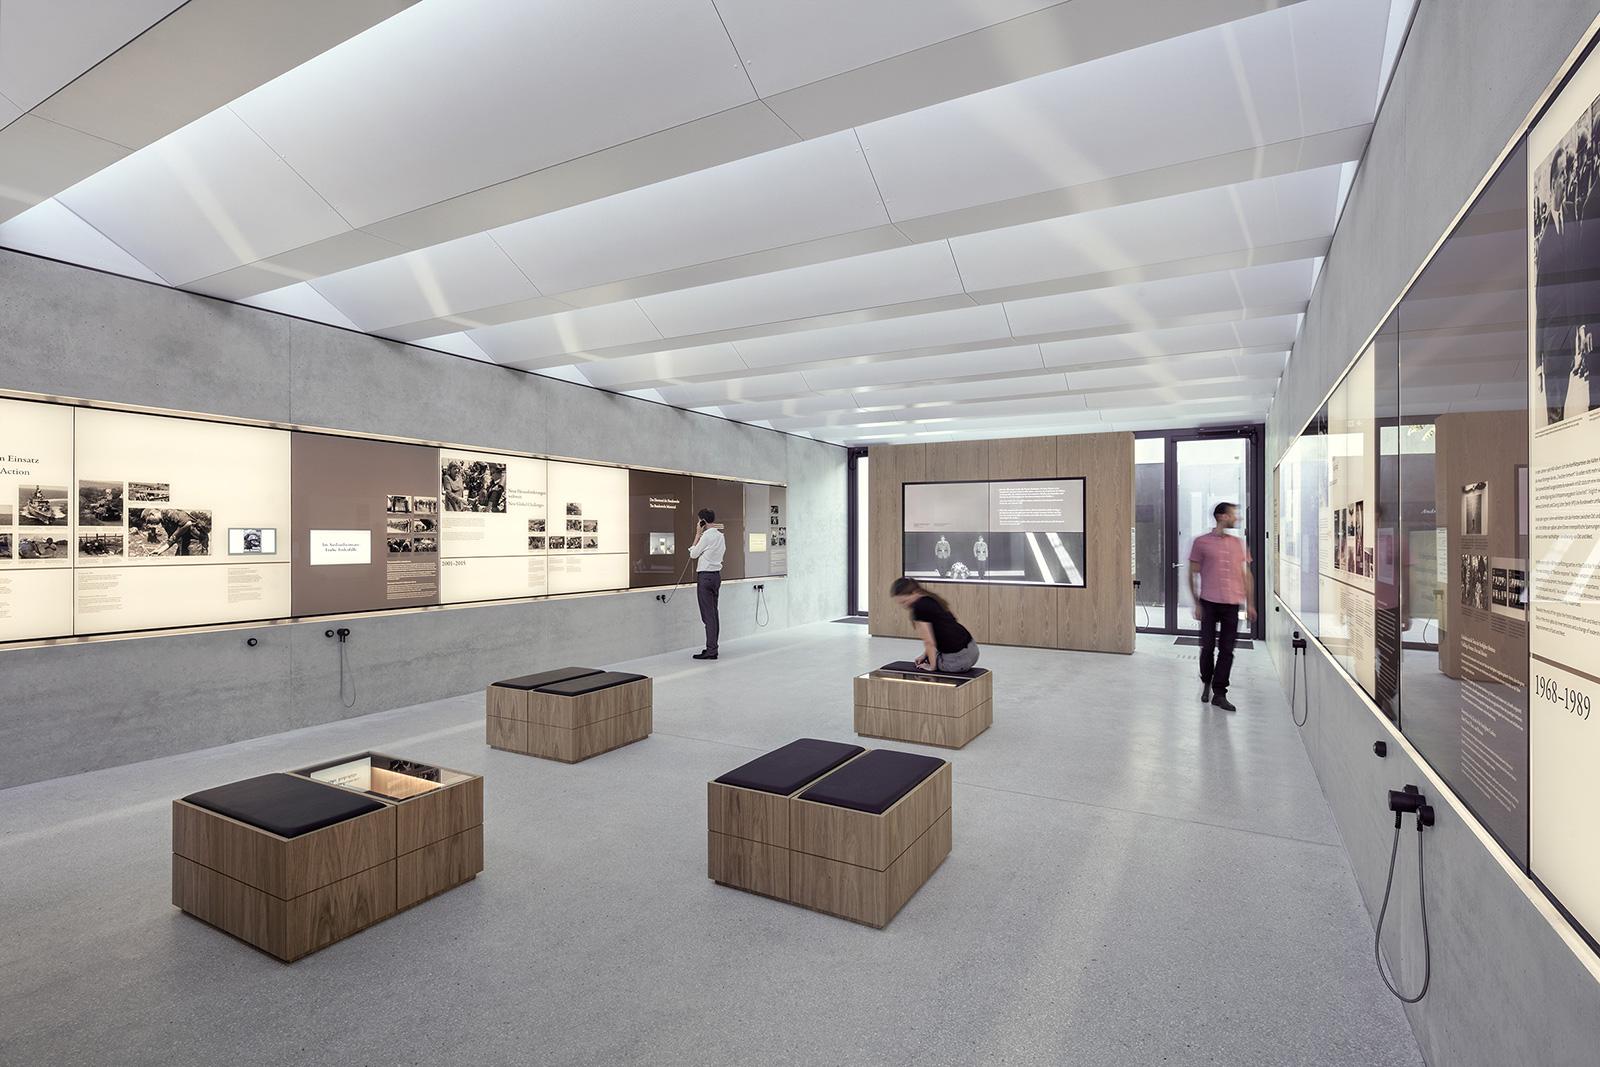 Raum der Information am Ehrenmal der Bundeswehr